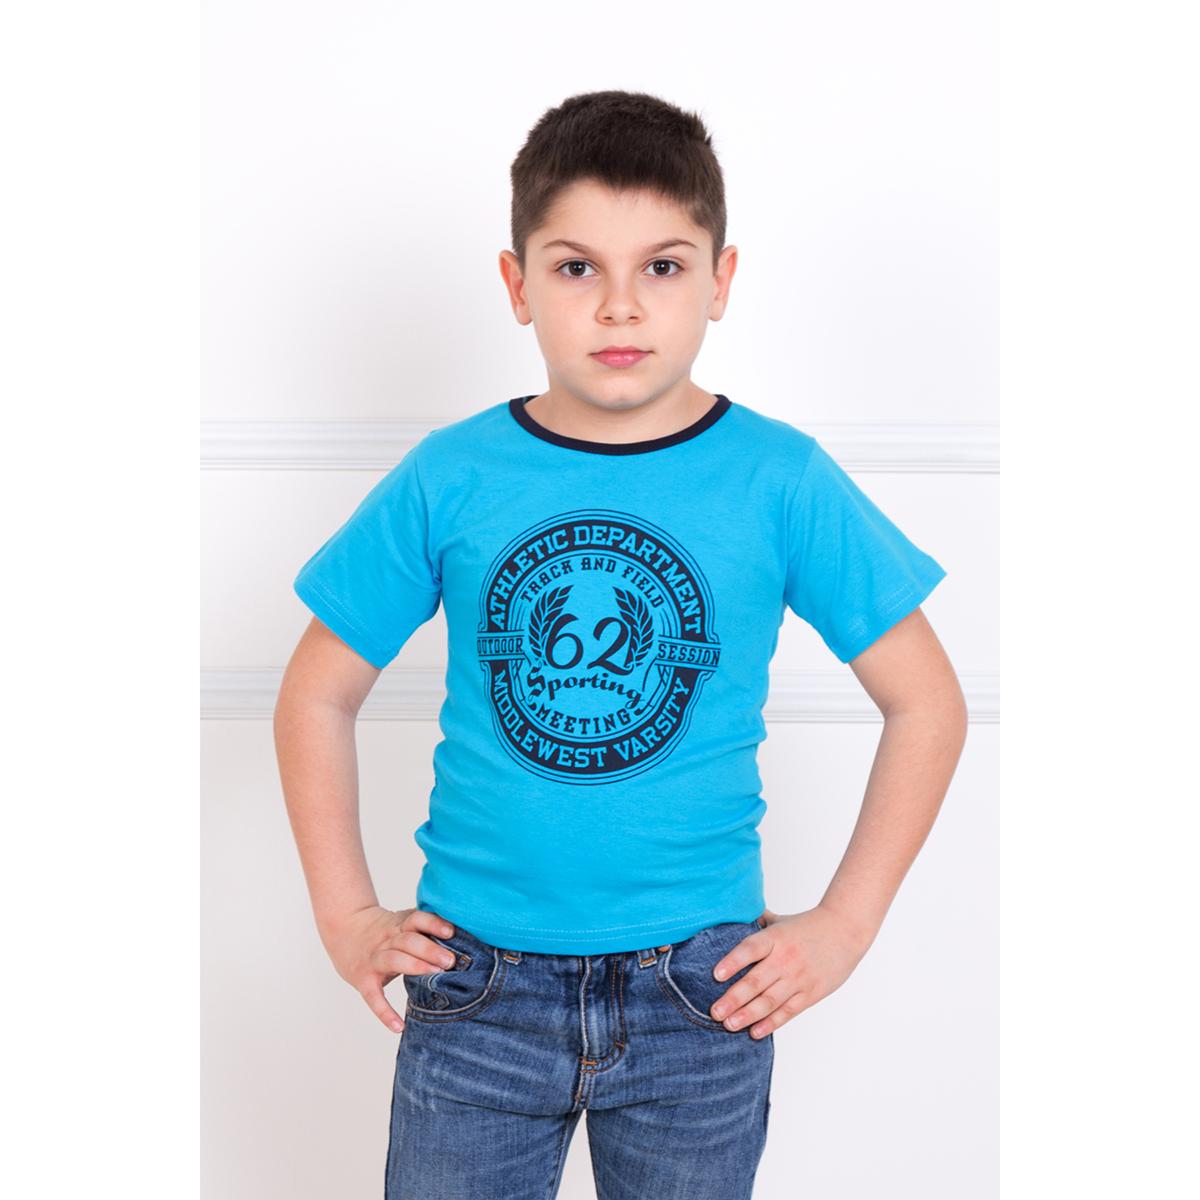 Детская футболка Камелот Голубой, размер 32Футболки и майки<br><br><br>Тип: Дет. футболка<br>Размер: 32<br>Материал: Кулирка